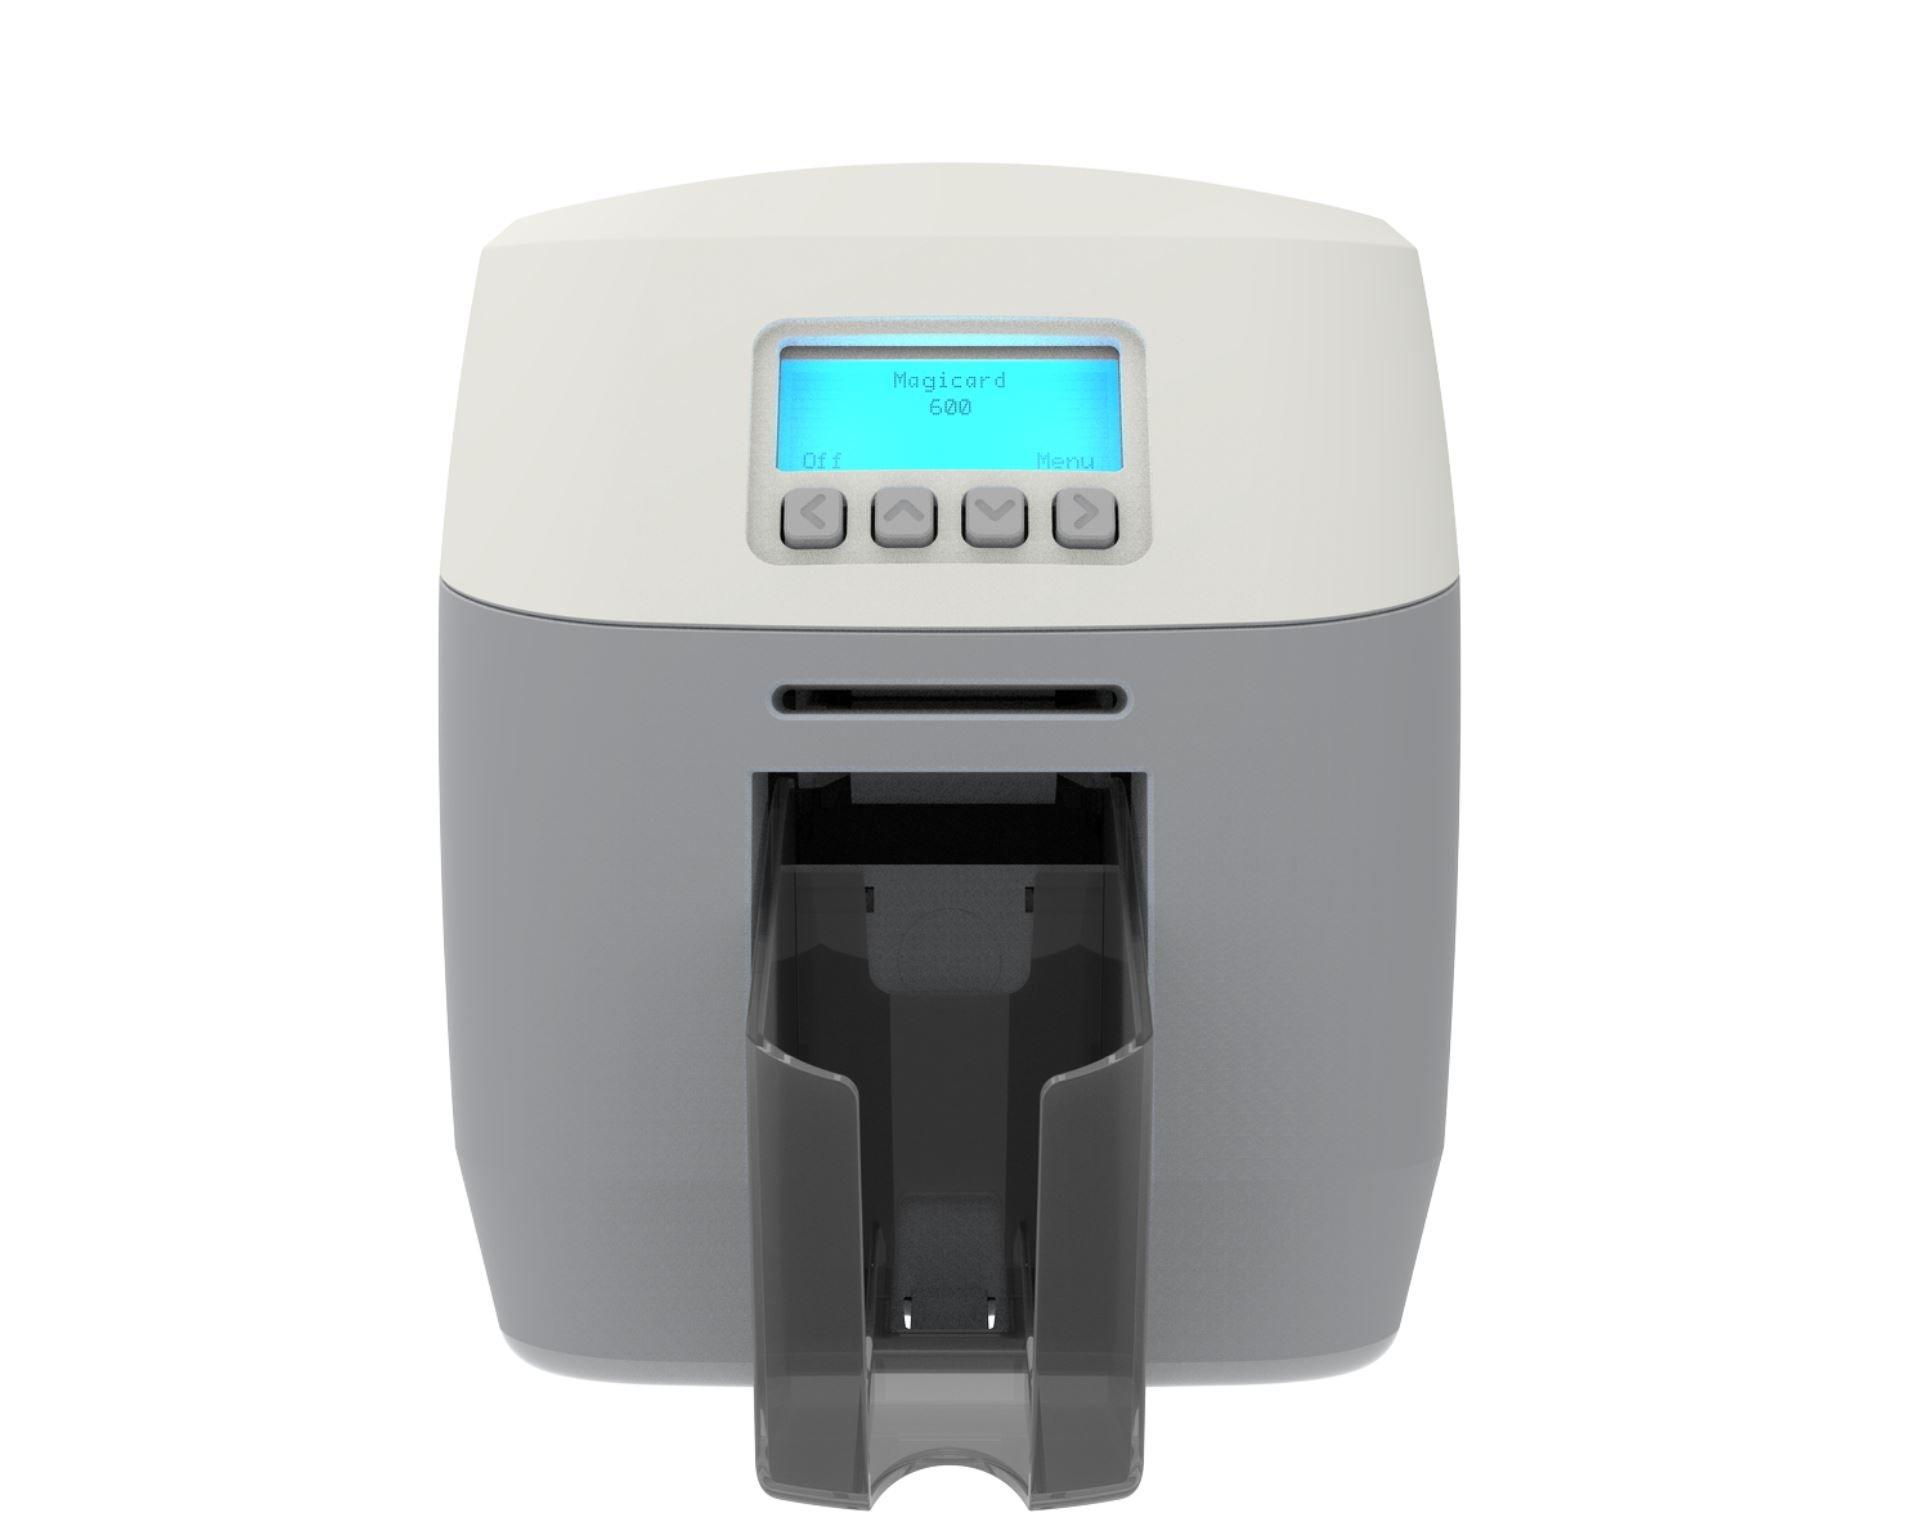 Magicard_600_ID_Card_Printer_3652-5001